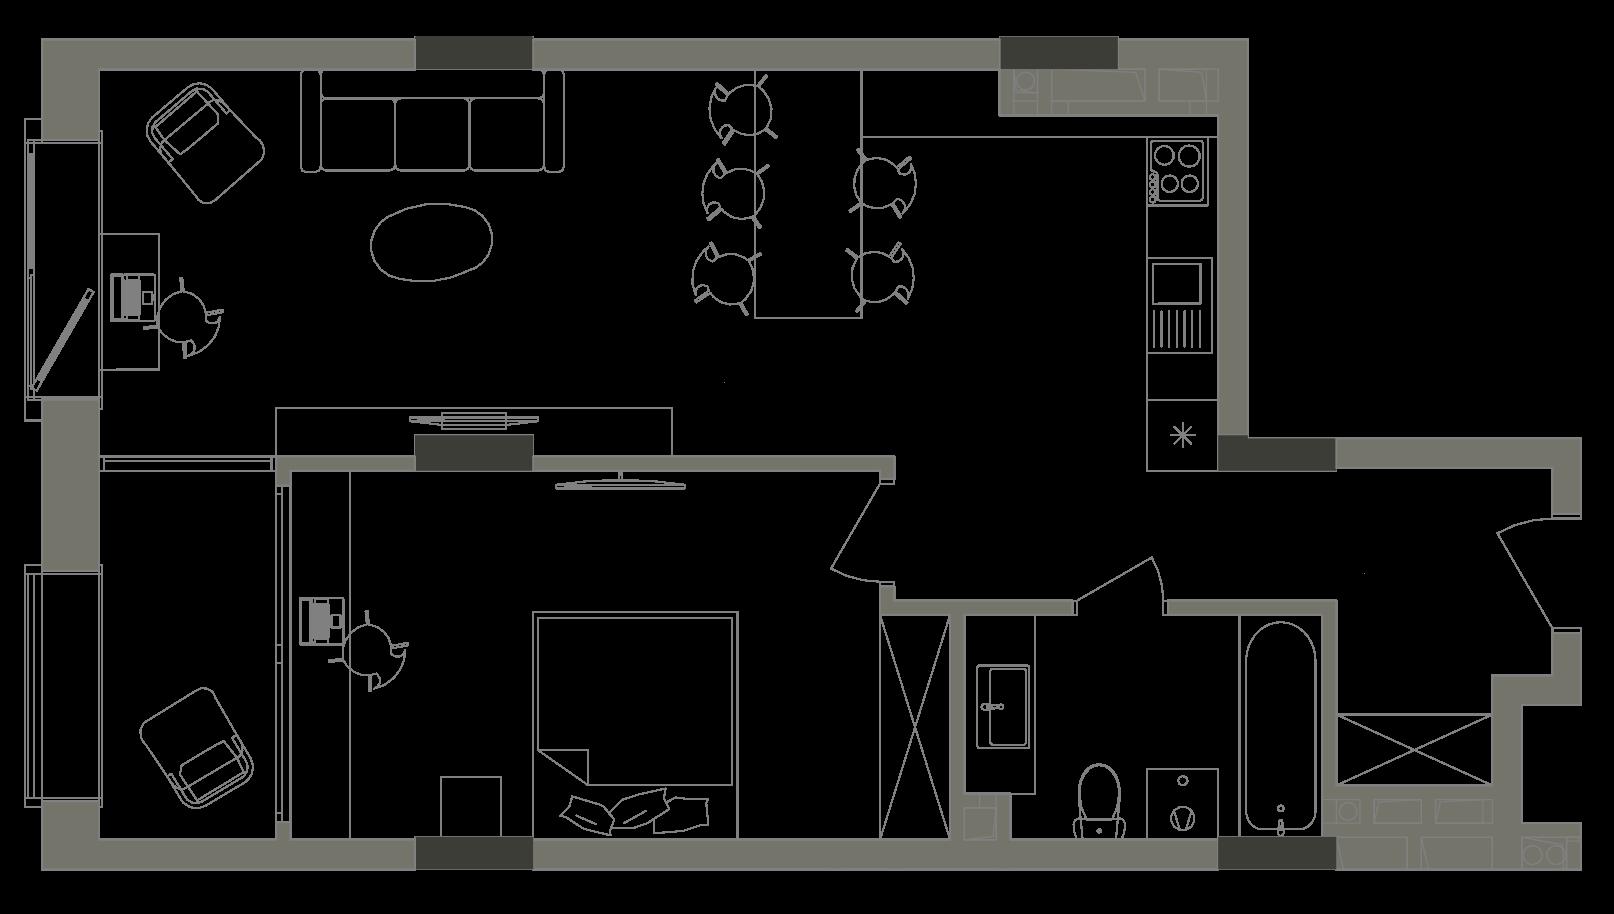 Квартира KV_5_1V_1_1_5